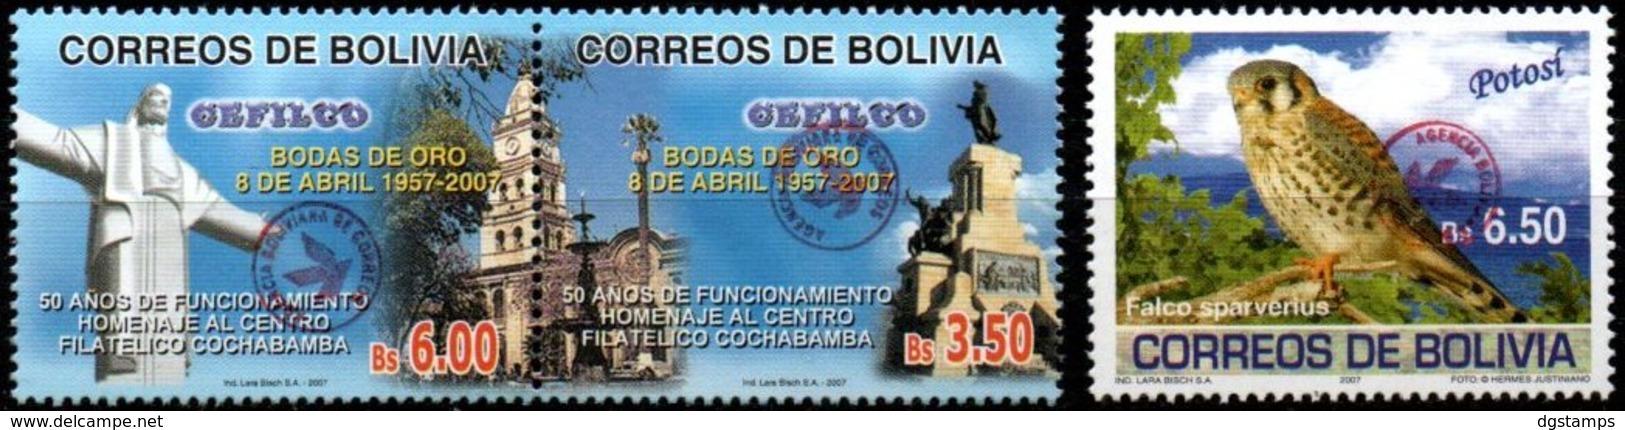 Bolivia 2018 ** CEFIBOL 2354-56 CEFILCO, Falco Sparverius  Habilitadas Para Uso En Tarija. - Bolivia